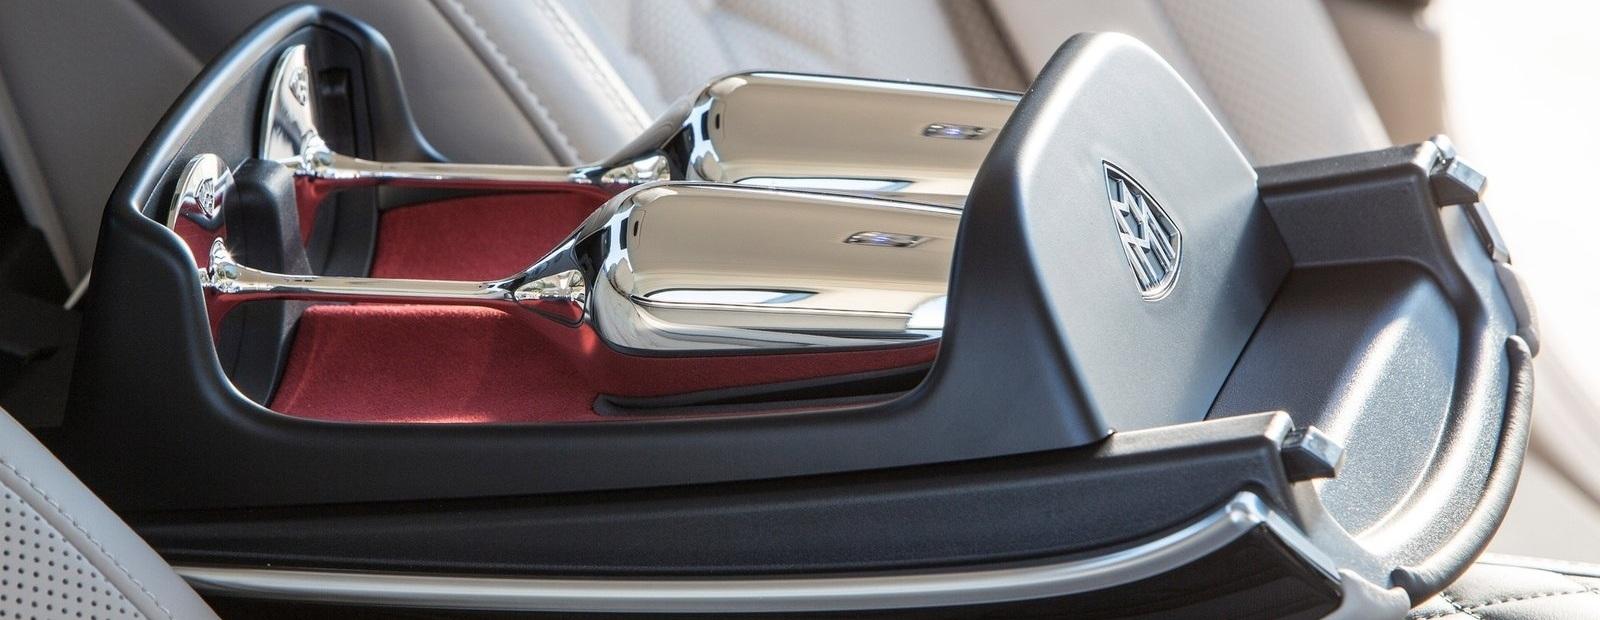 Посчитали-прослезились: фирменные бокалы для шампанского от Mercedes-Maybach